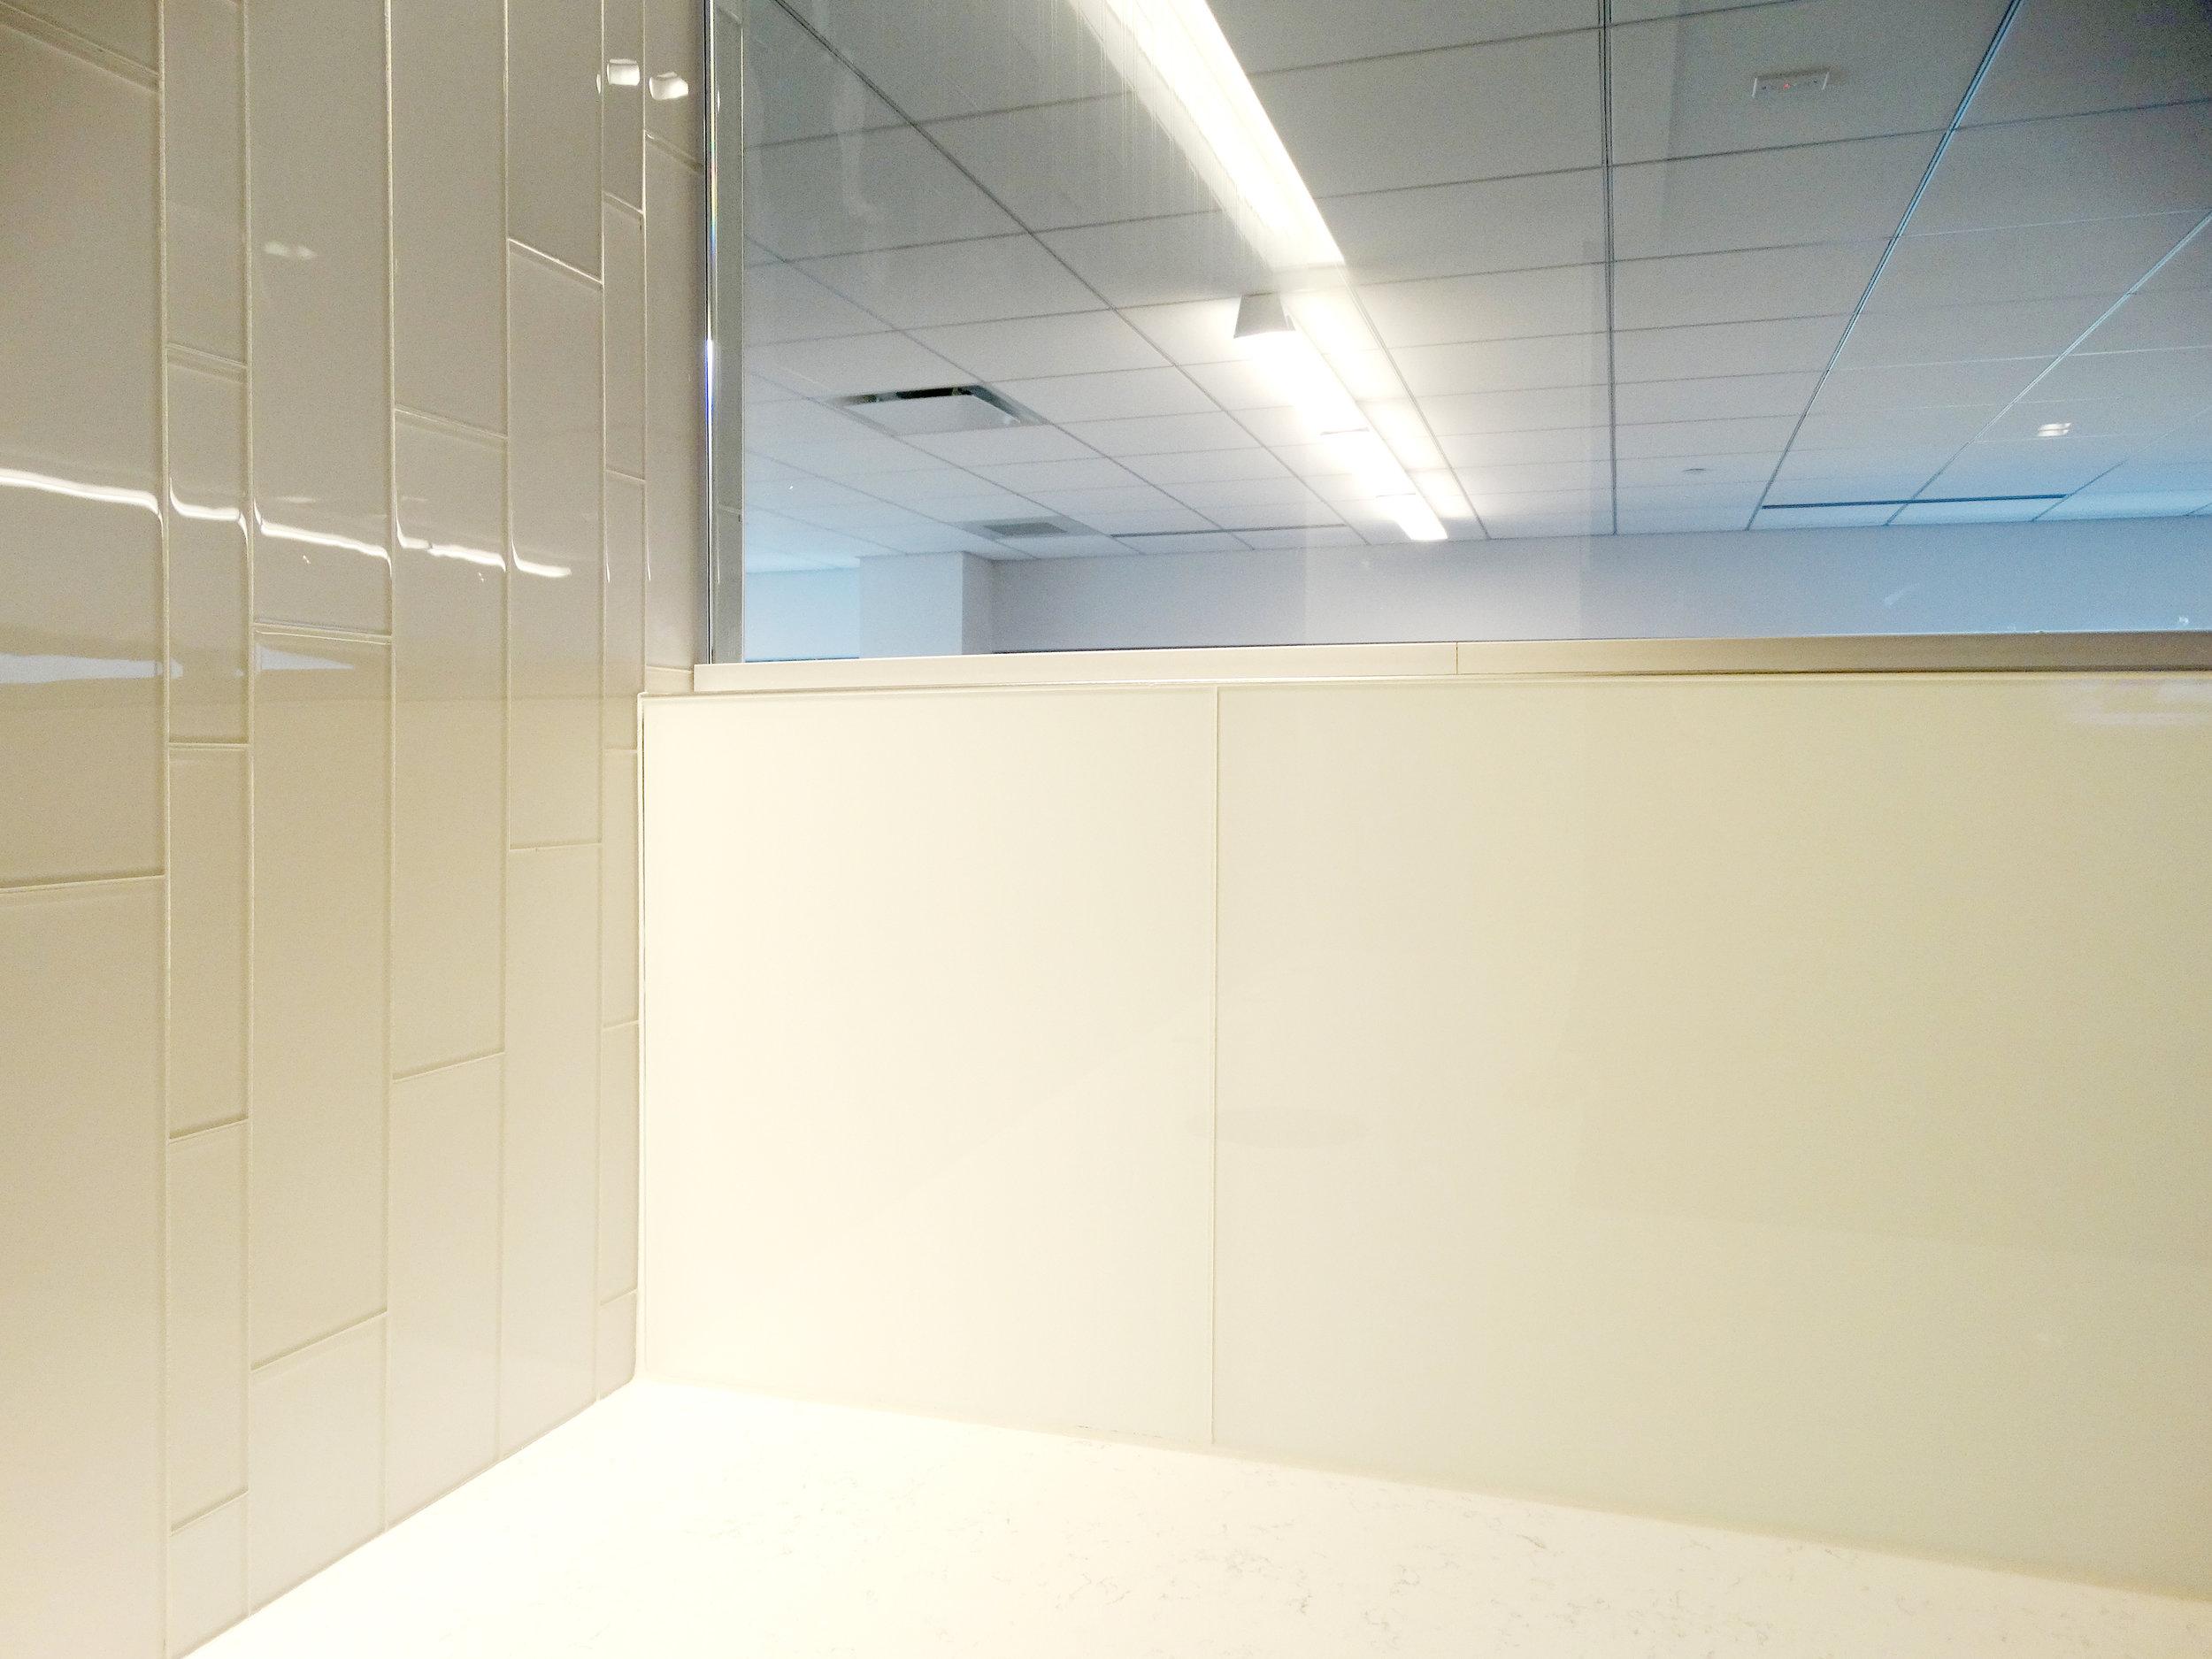 Illume Frameless White Tile Kitchen Backsplash - Spaceworks AI.jpg